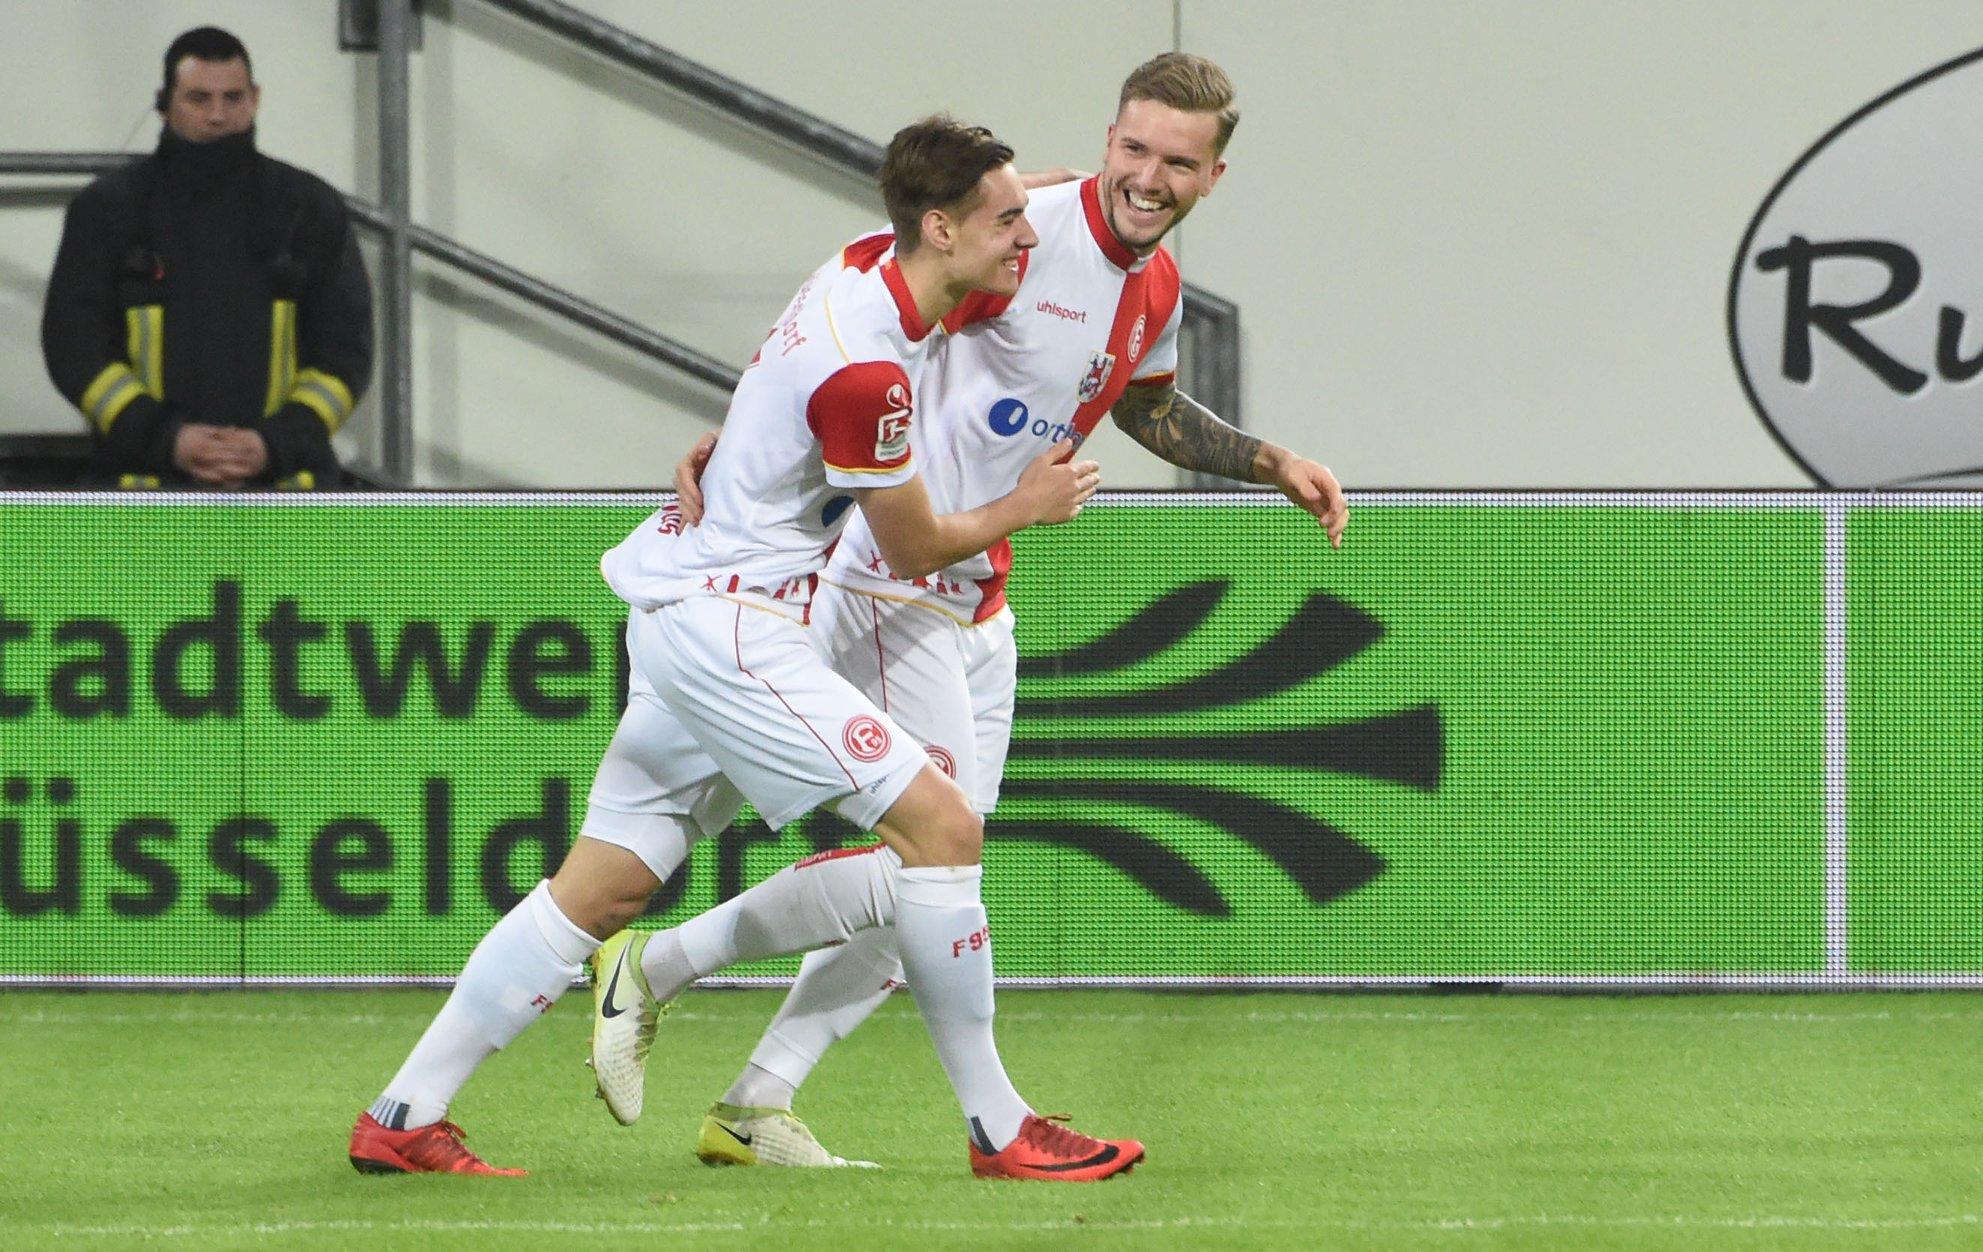 Bundesliga, Friburgo-Dusseldorf pronostico: ospiti con peggior attacco del torneo